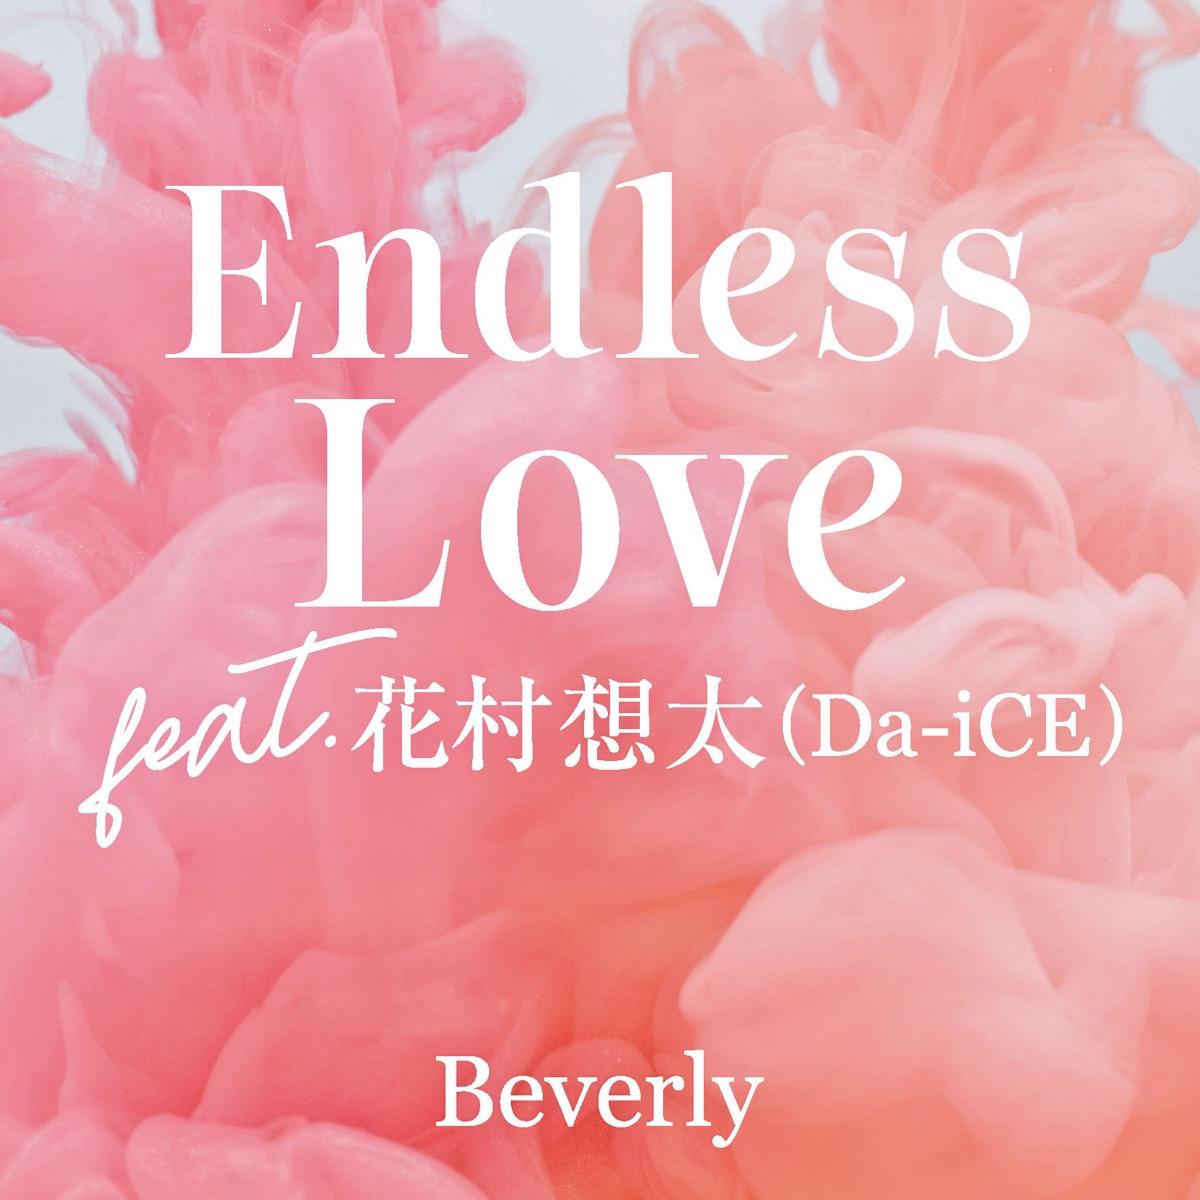 『Beverly - Endless Love feat.花村想太 (Da-iCE) 歌詞』収録の『Endless Love feat.花村想太 (Da-iCE)』ジャケット